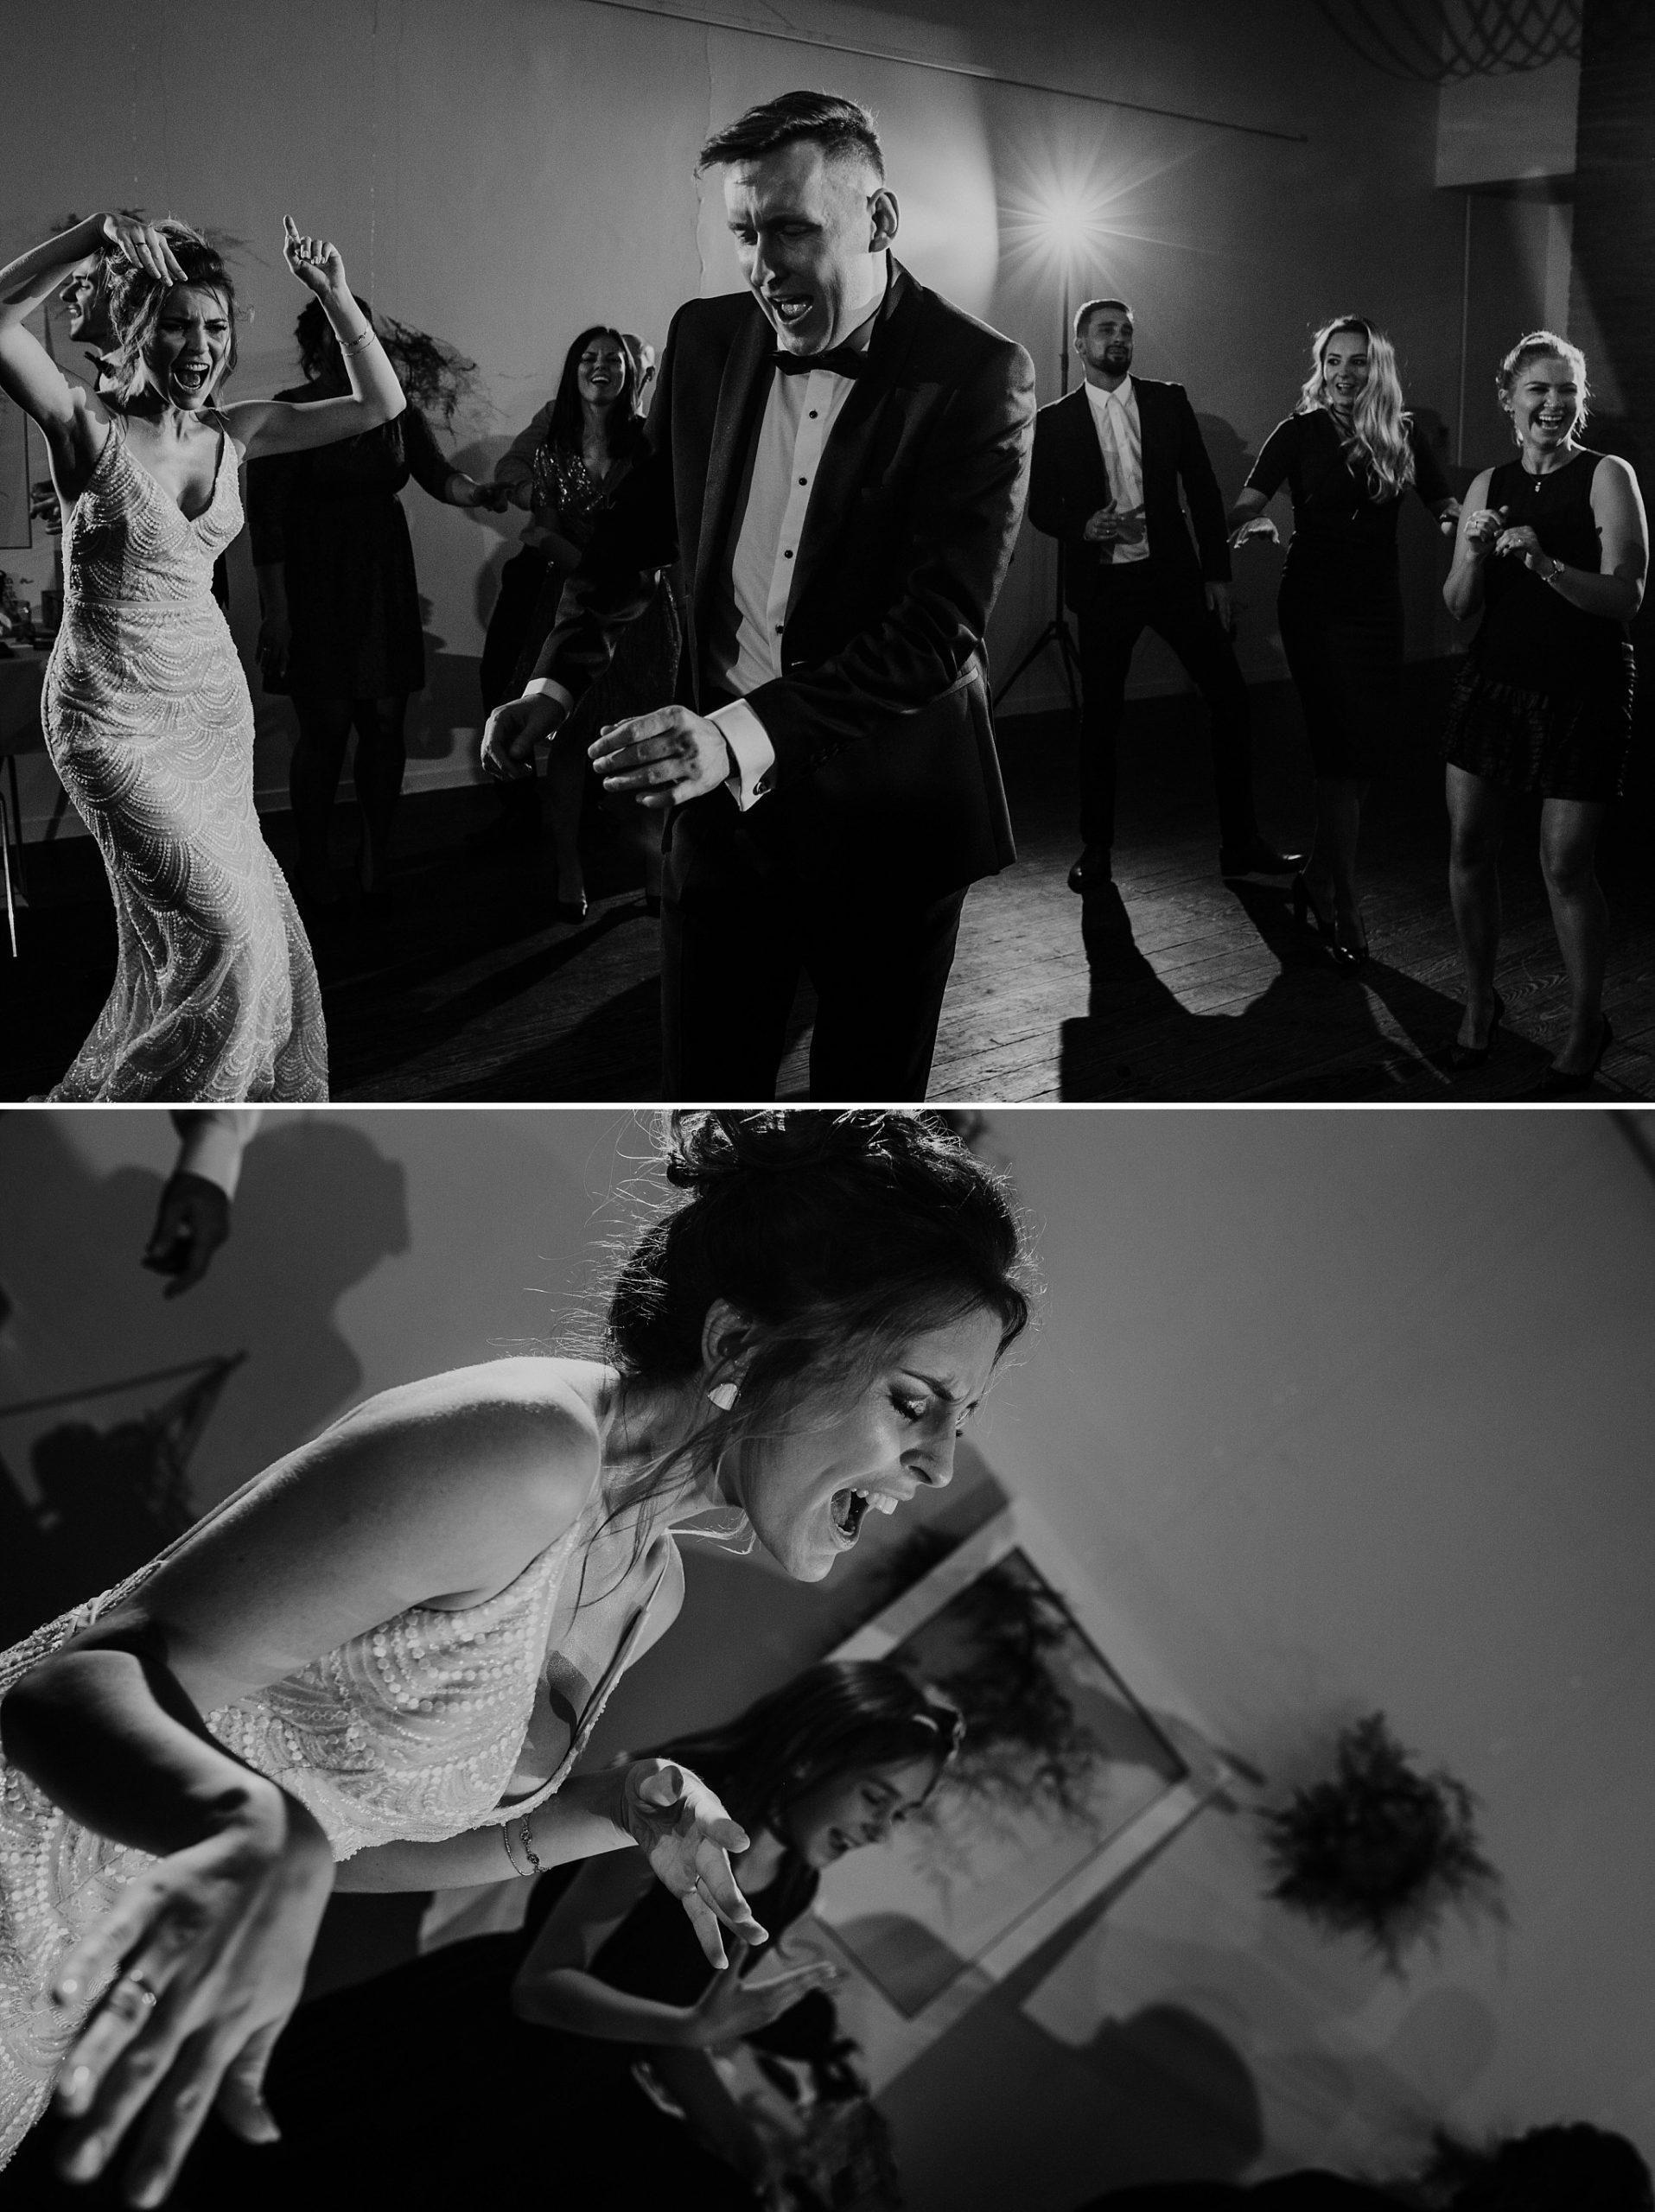 fotograf poznan wesele dobra truskawka piekne wesele pod poznaniem wesele w dobrej truskawce piekna para mloda slub marzen slub koronawirus slub listopad wesele koronawirus 407 scaled